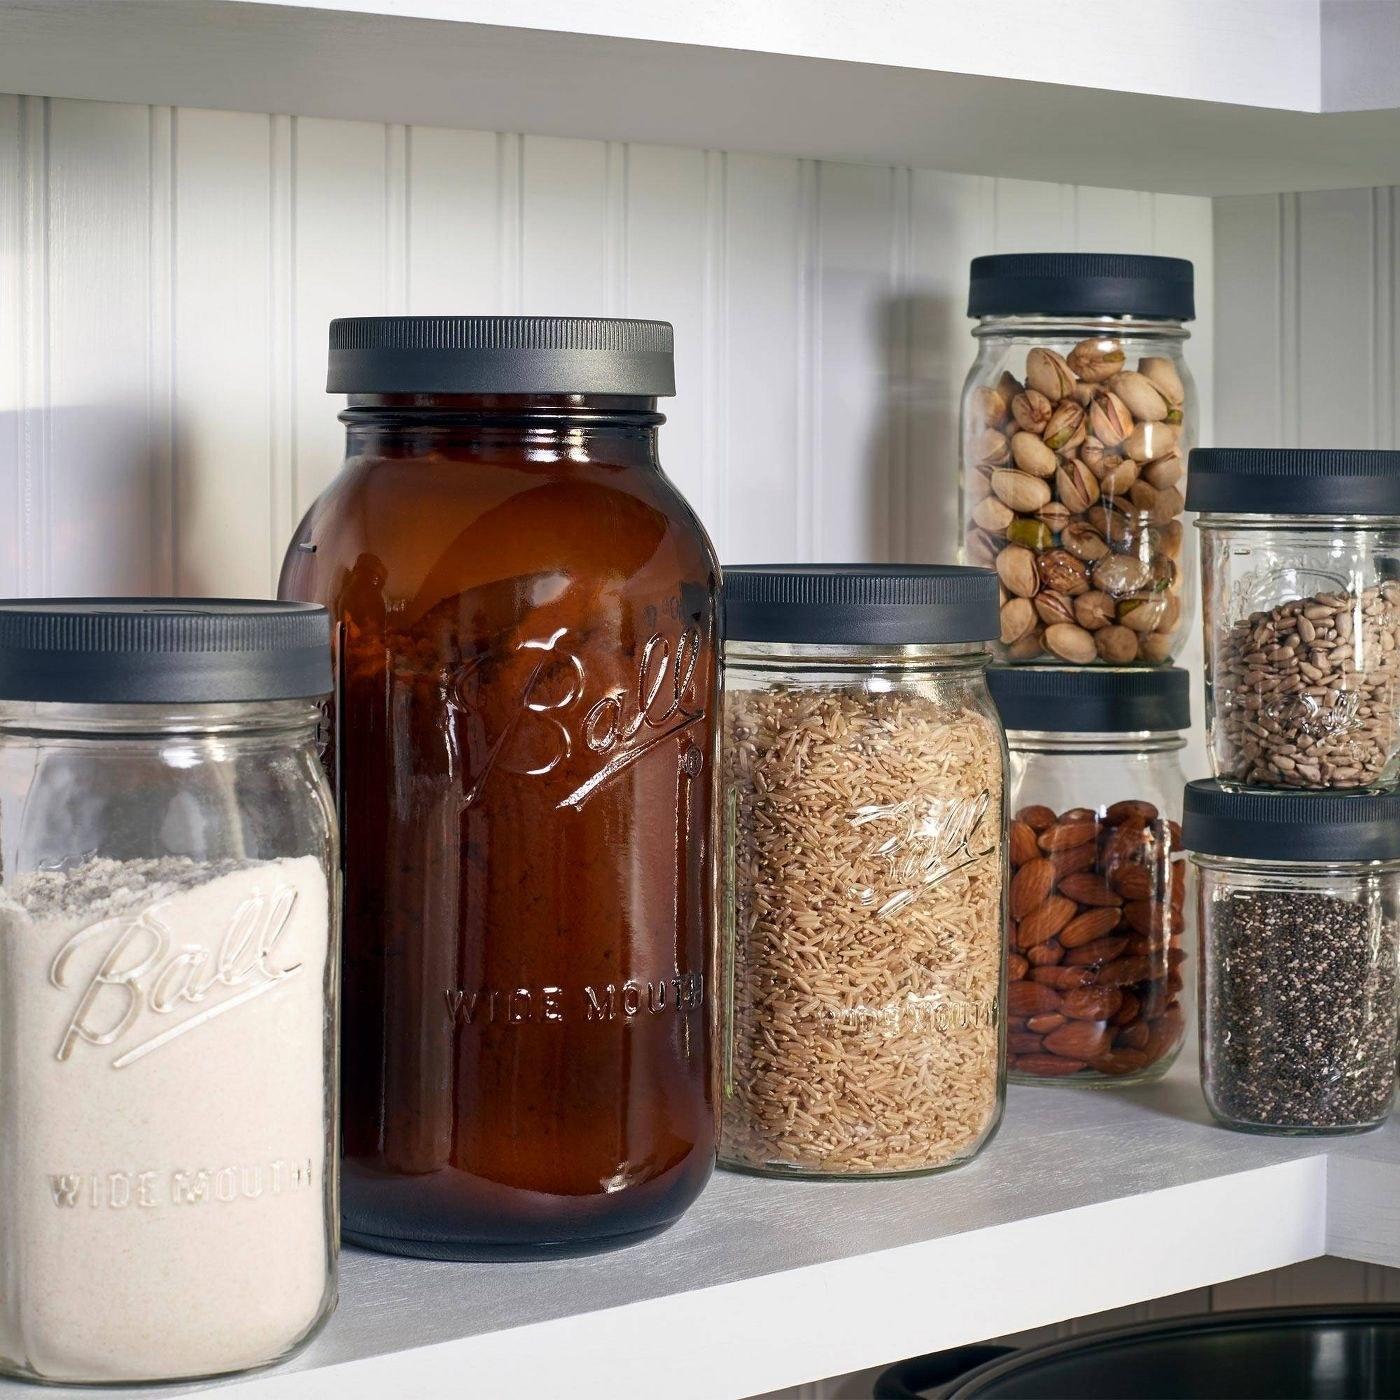 The bell jar lids